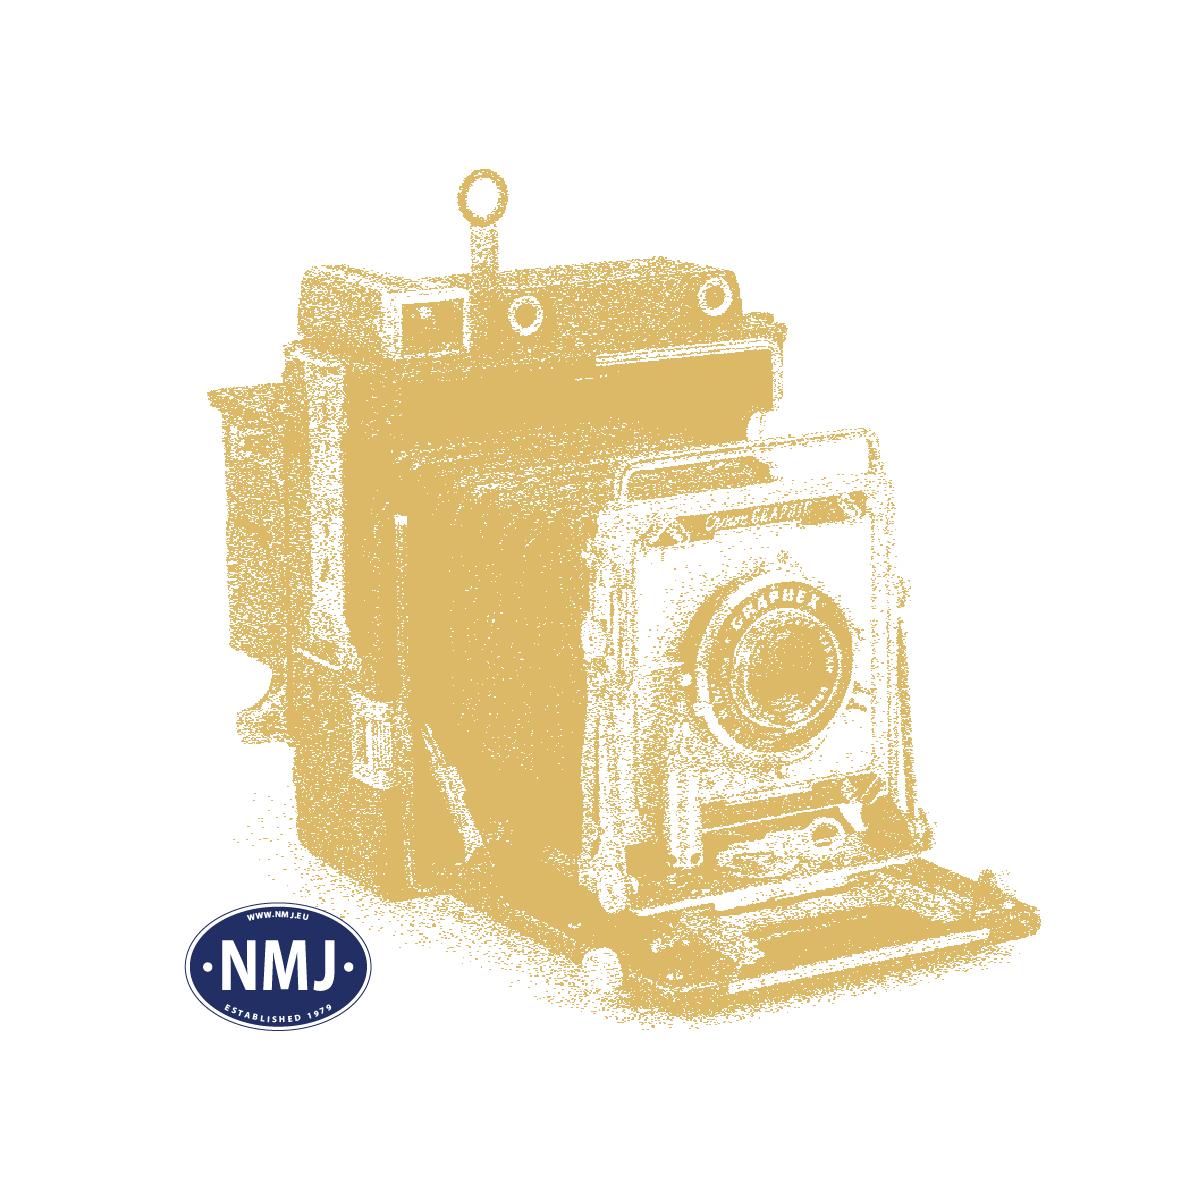 NMJT113.501 - NMJ Topline NSB CB1 21219, Rød/Sølv/Grå